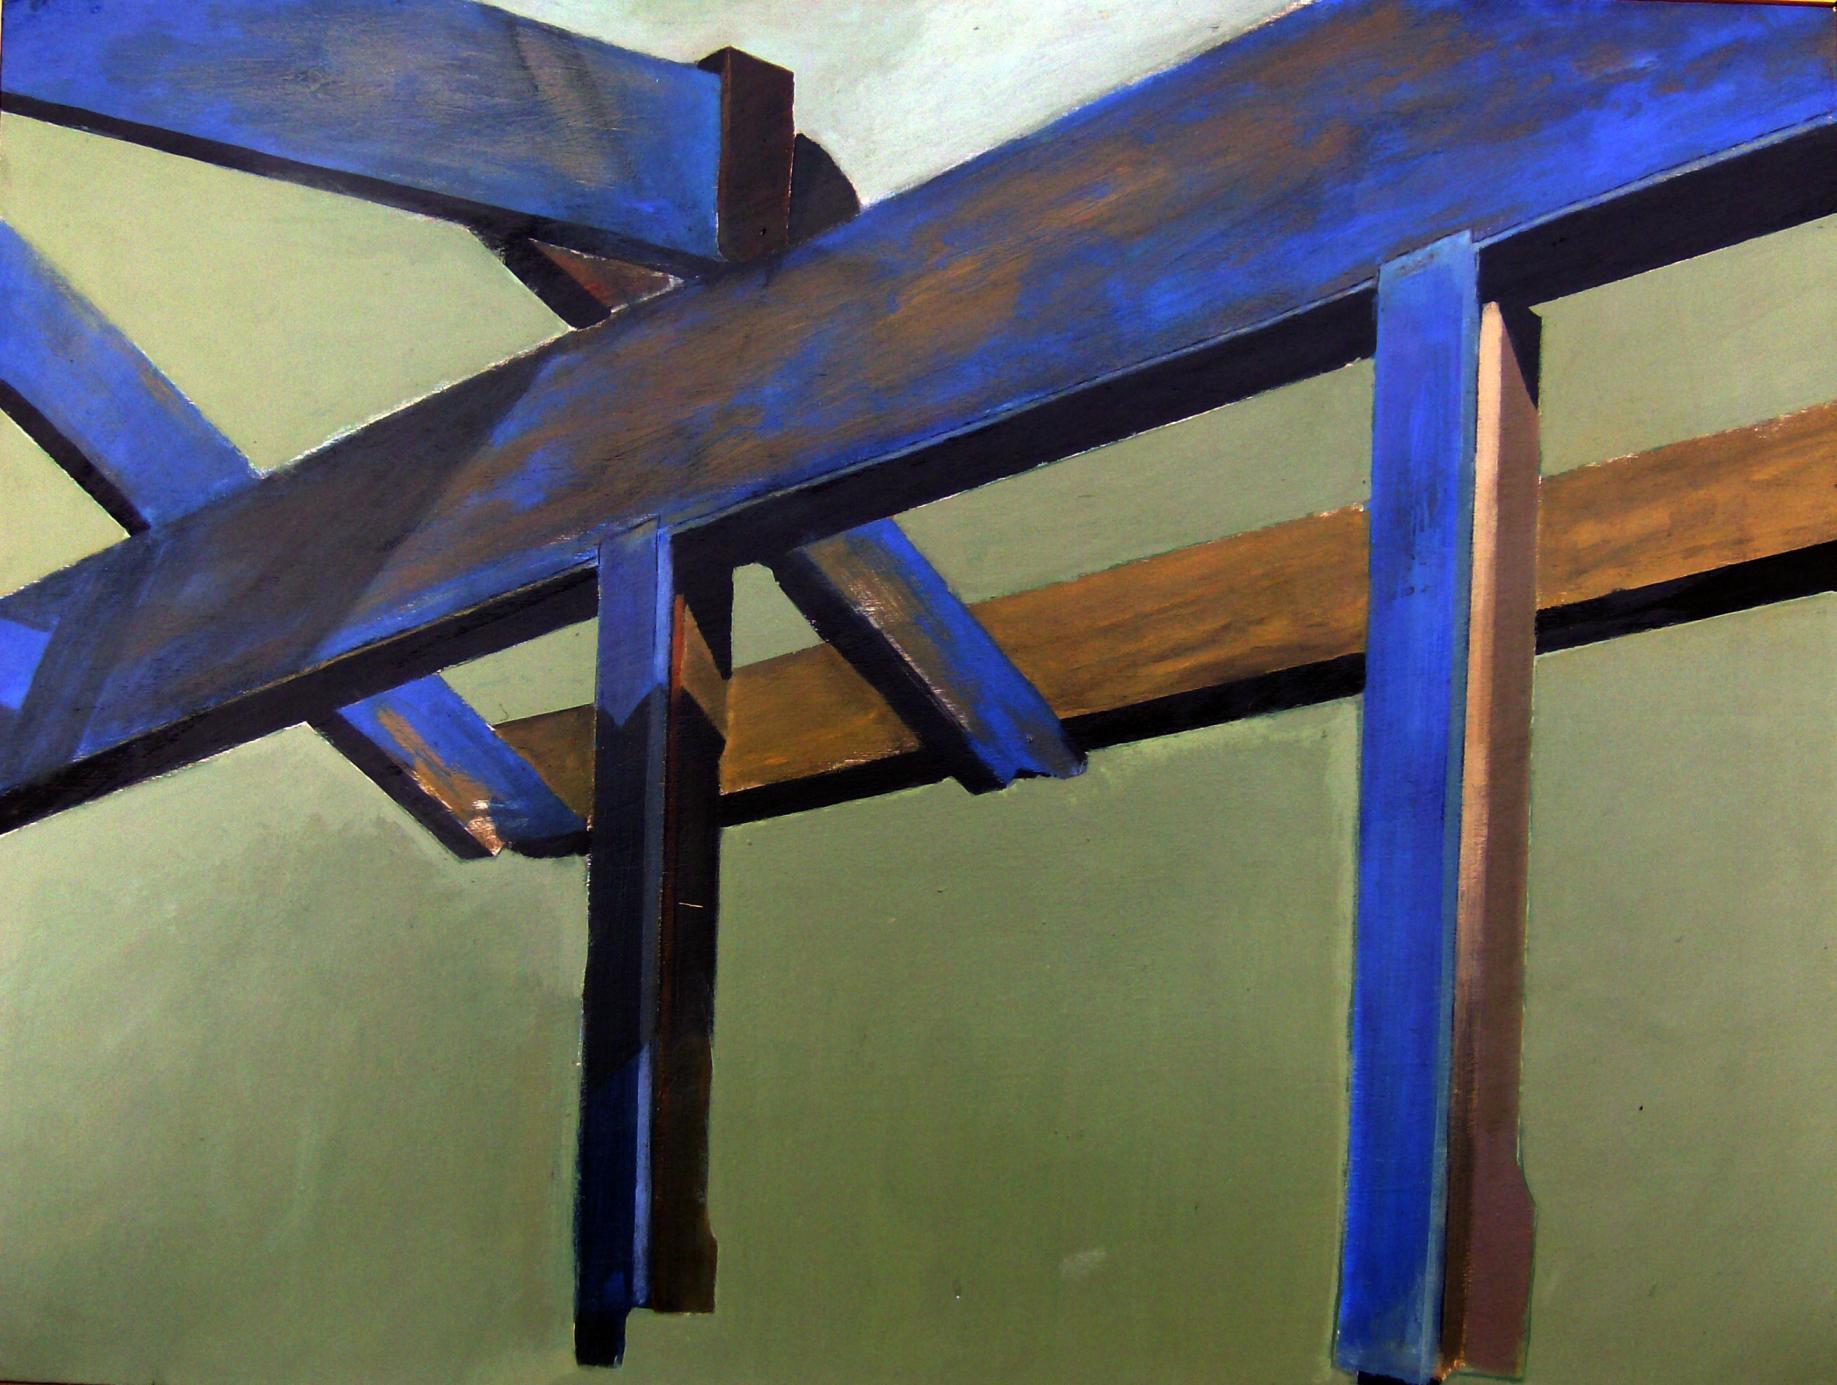 Estructura 1A (1999) - Enrique Cavestany - Enrius